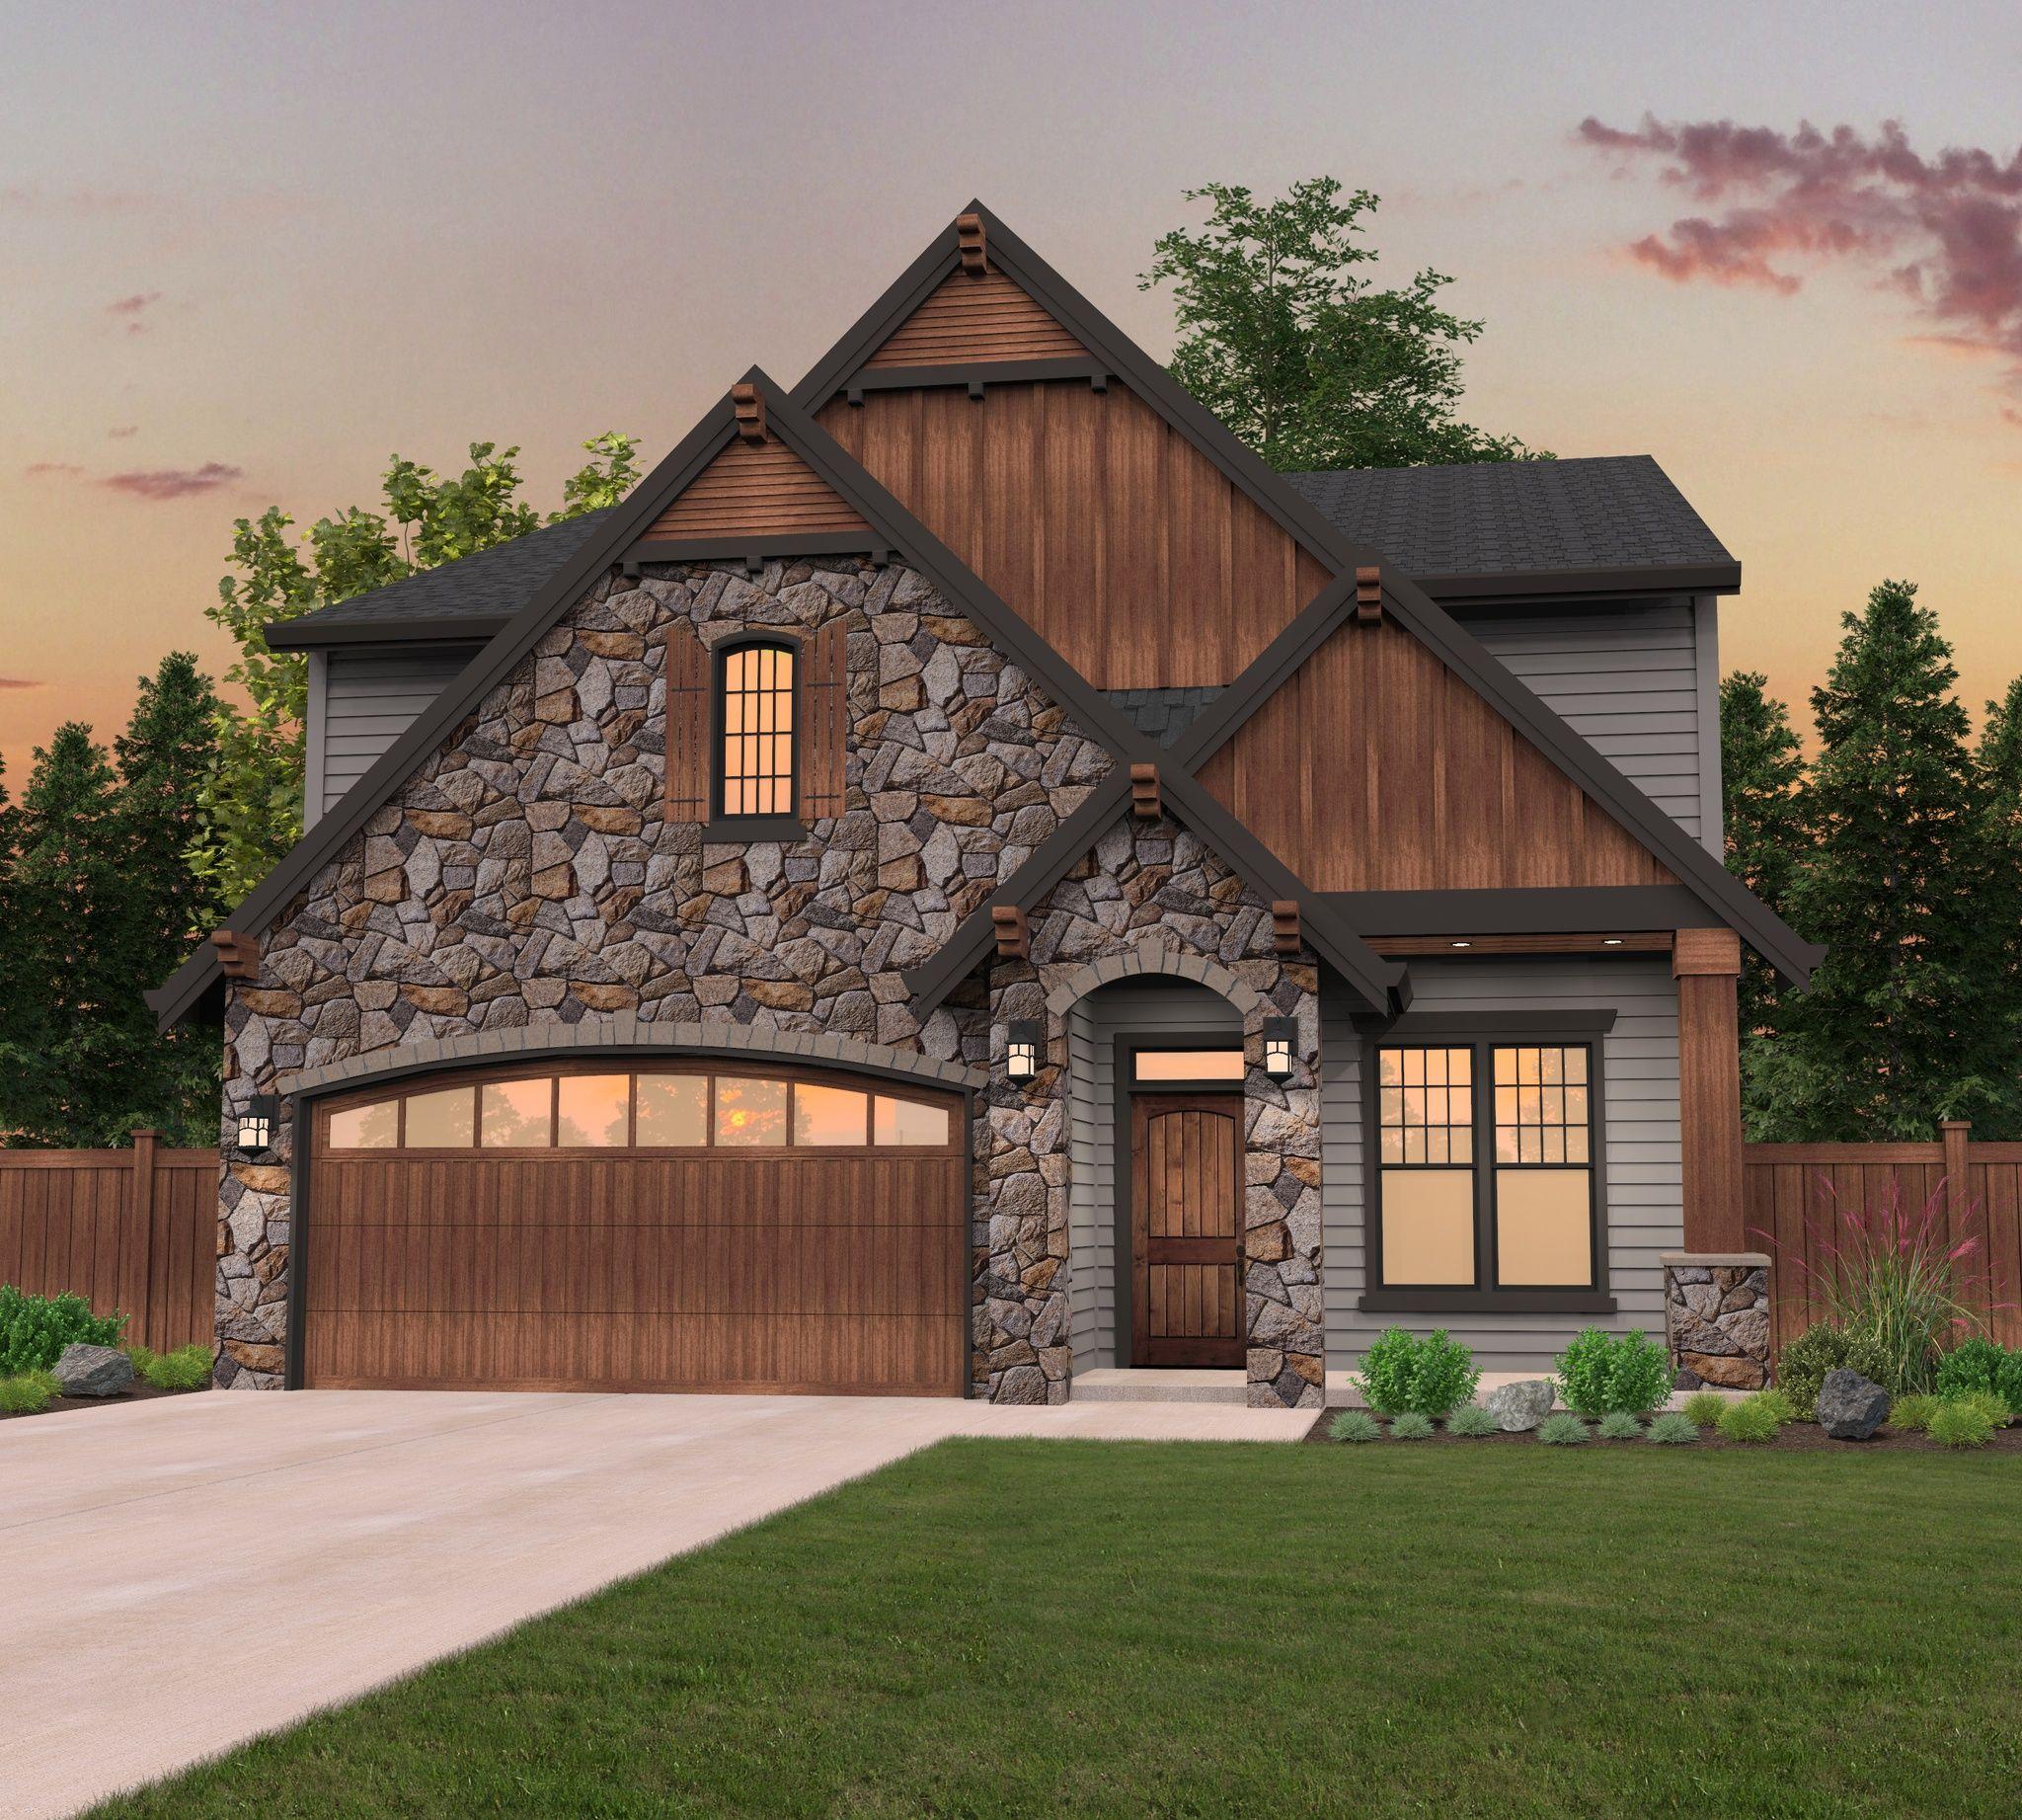 2649 Mark Stewart Home Design 2649